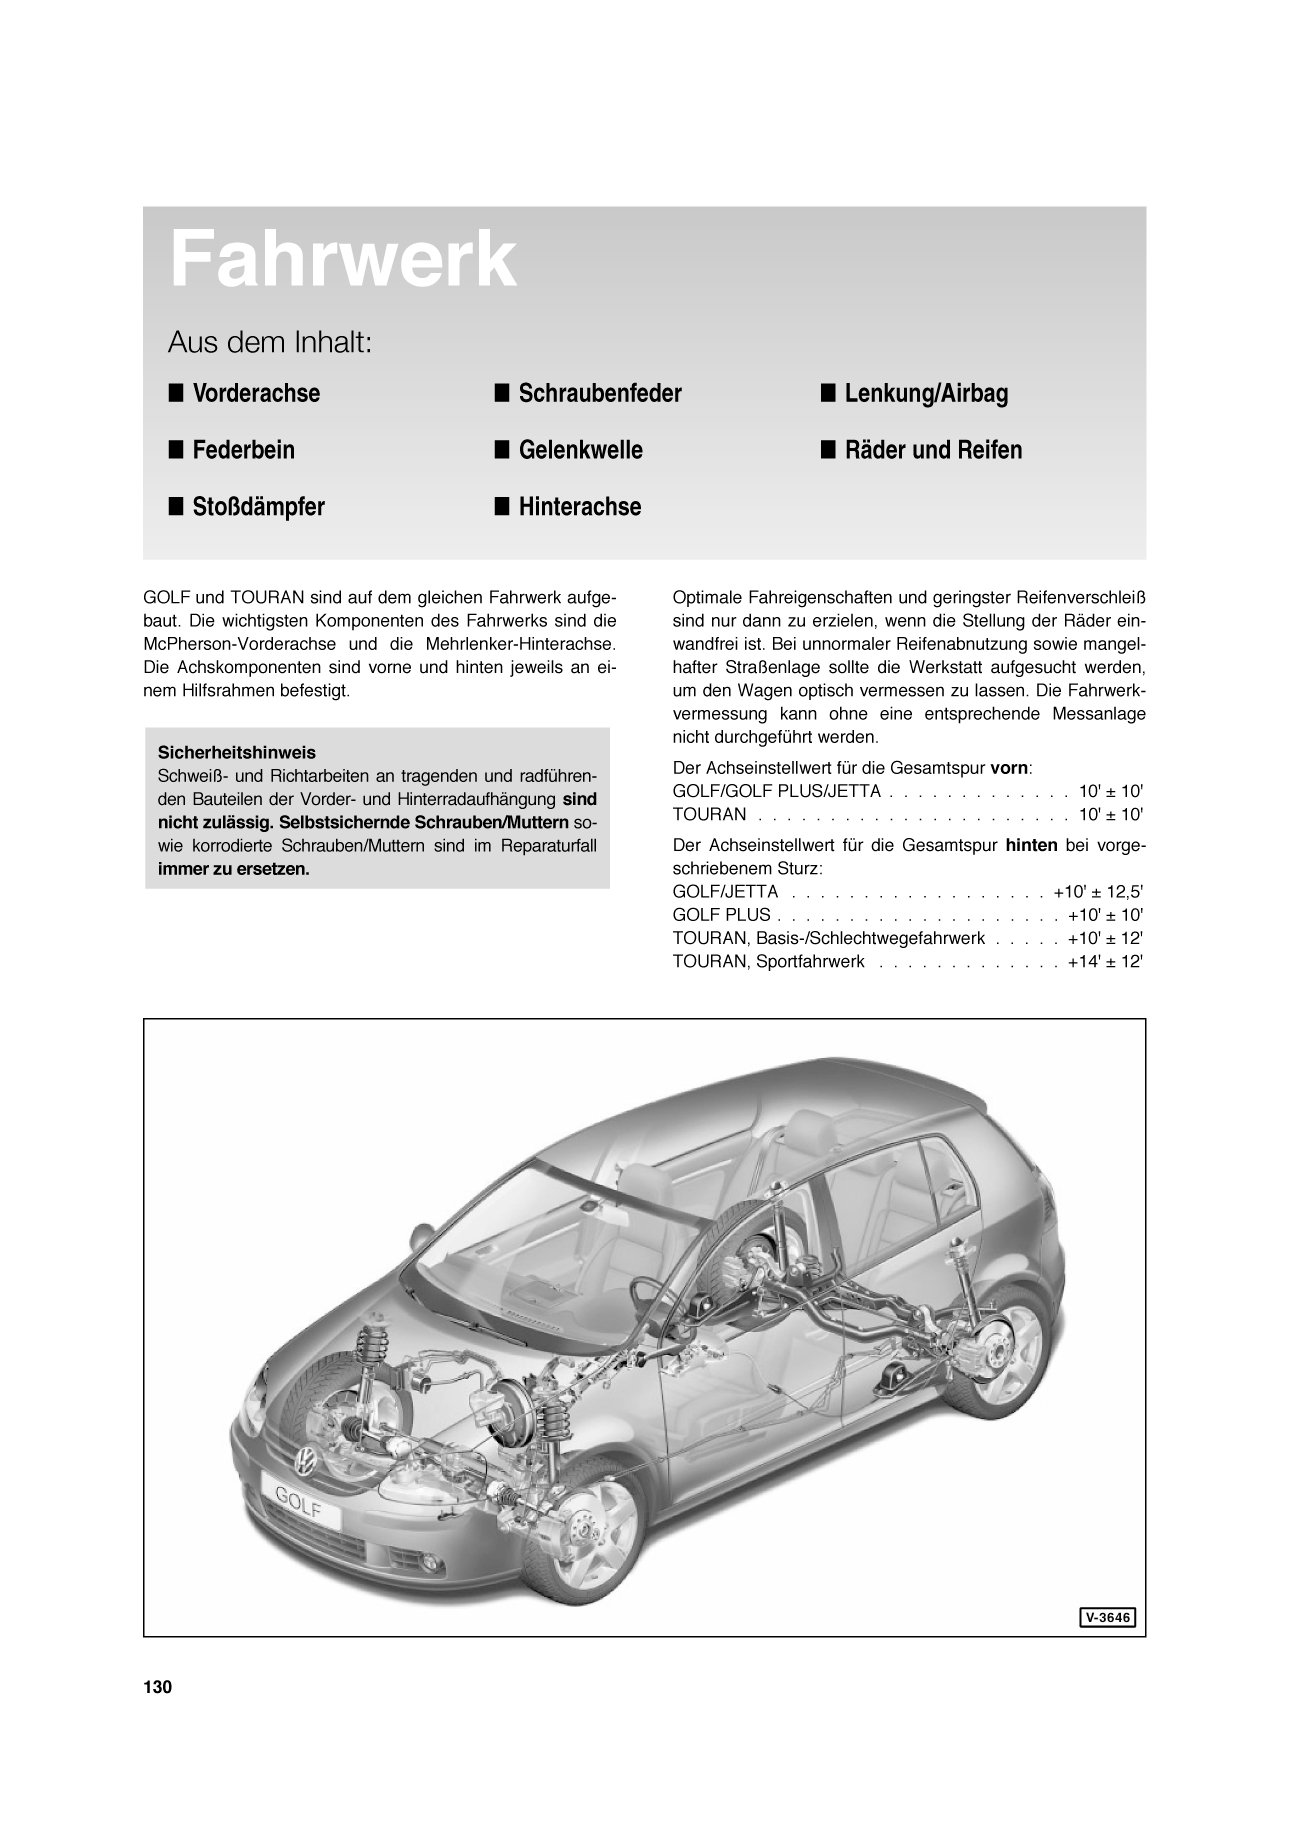 Großartig Komponenten Eines Automobilmotors Zeitgenössisch - Der ...